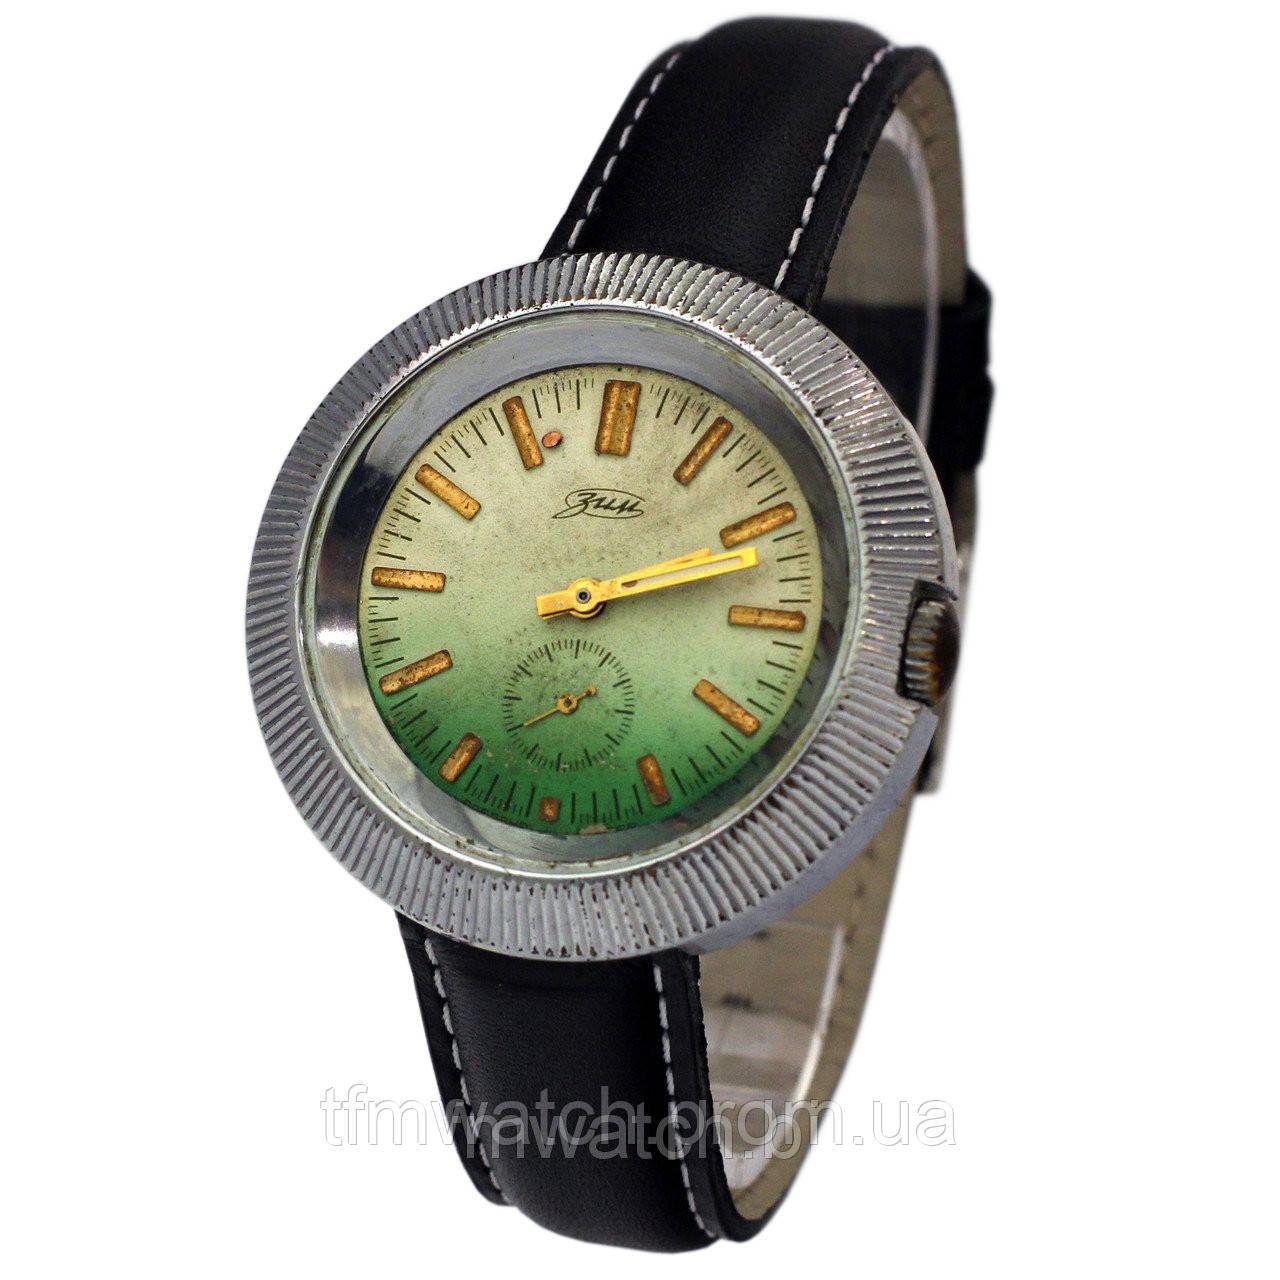 Механические наручные часы продать цена час стоимость няня в москва